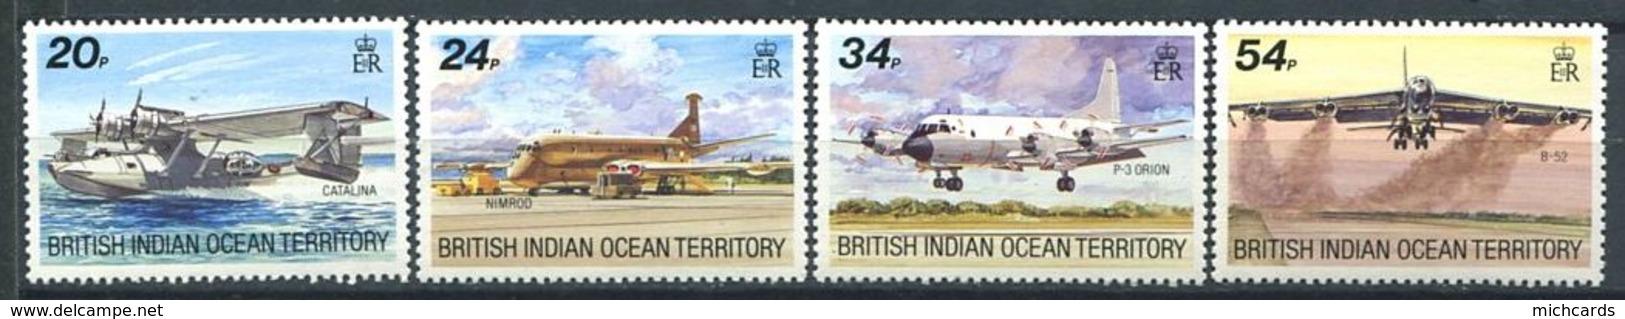 214 OCEAN INDIEN 1992 - Yvert 123/26 - Avion - Neuf ** (MNH) Sans Trace De Charniere - Britisches Territorium Im Indischen Ozean